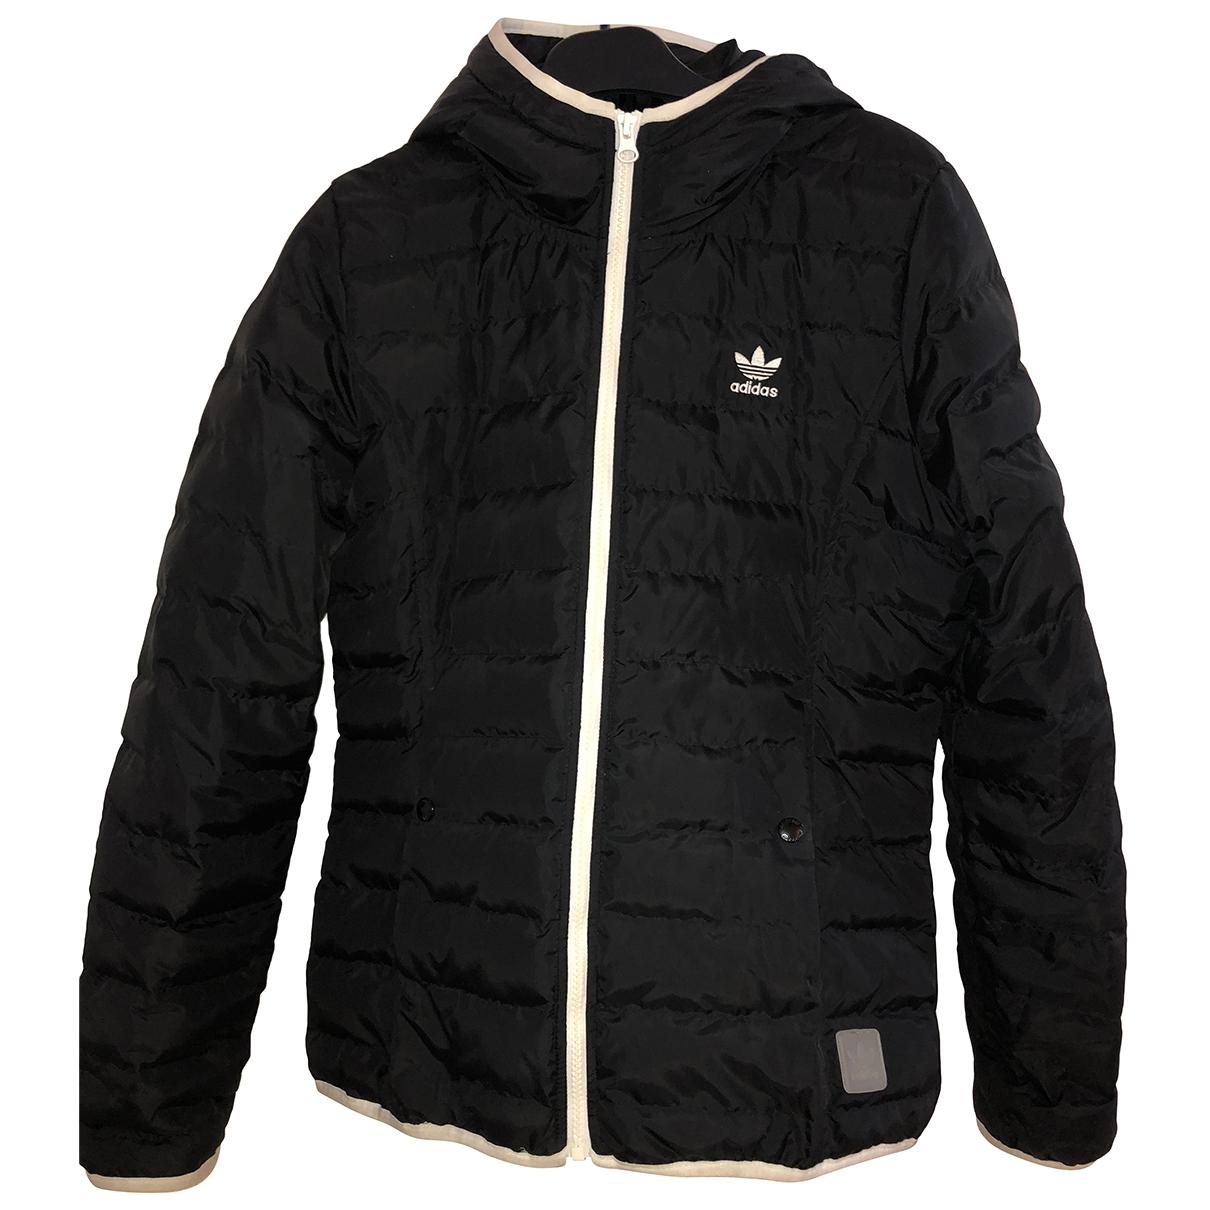 Adidas \N Black jacket for Women 42 FR